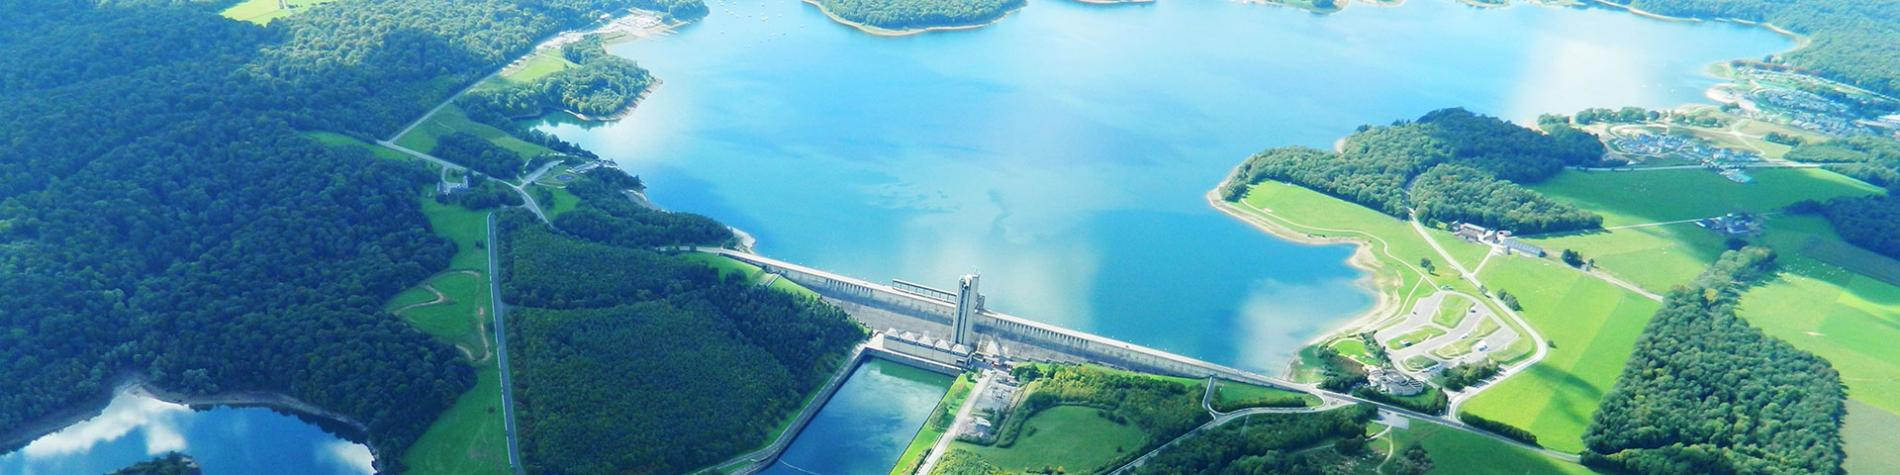 Lacs de l'Eau d'Heure - Parc aquatique - wellness -Aquacentre